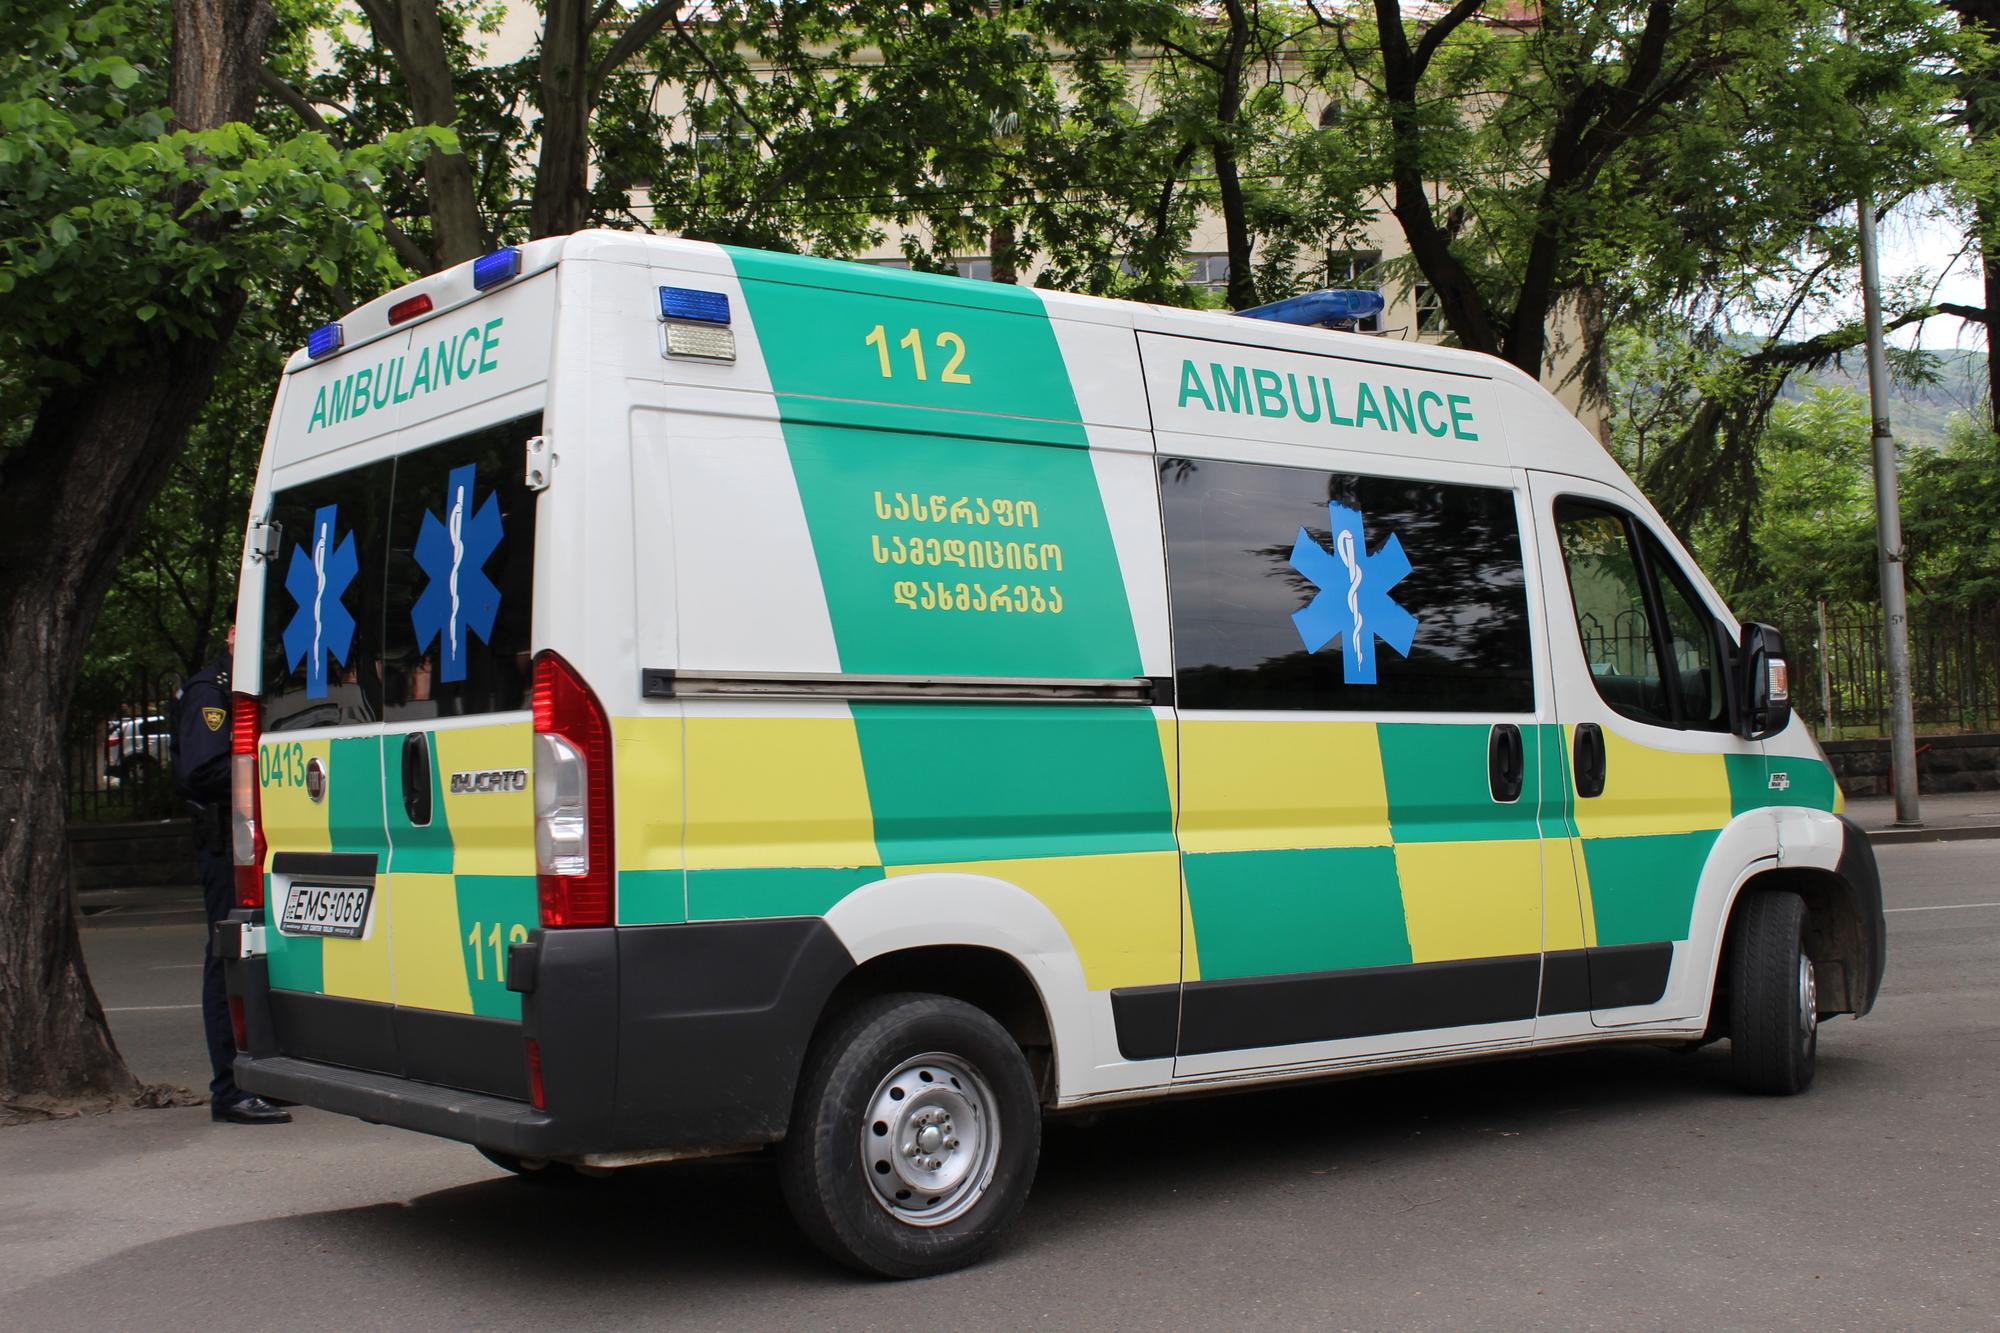 გურიაში 15 წლის მოზარდს მიკროავტობუსი დაეჯახა – ის ადგილზე გარდაიცვალა